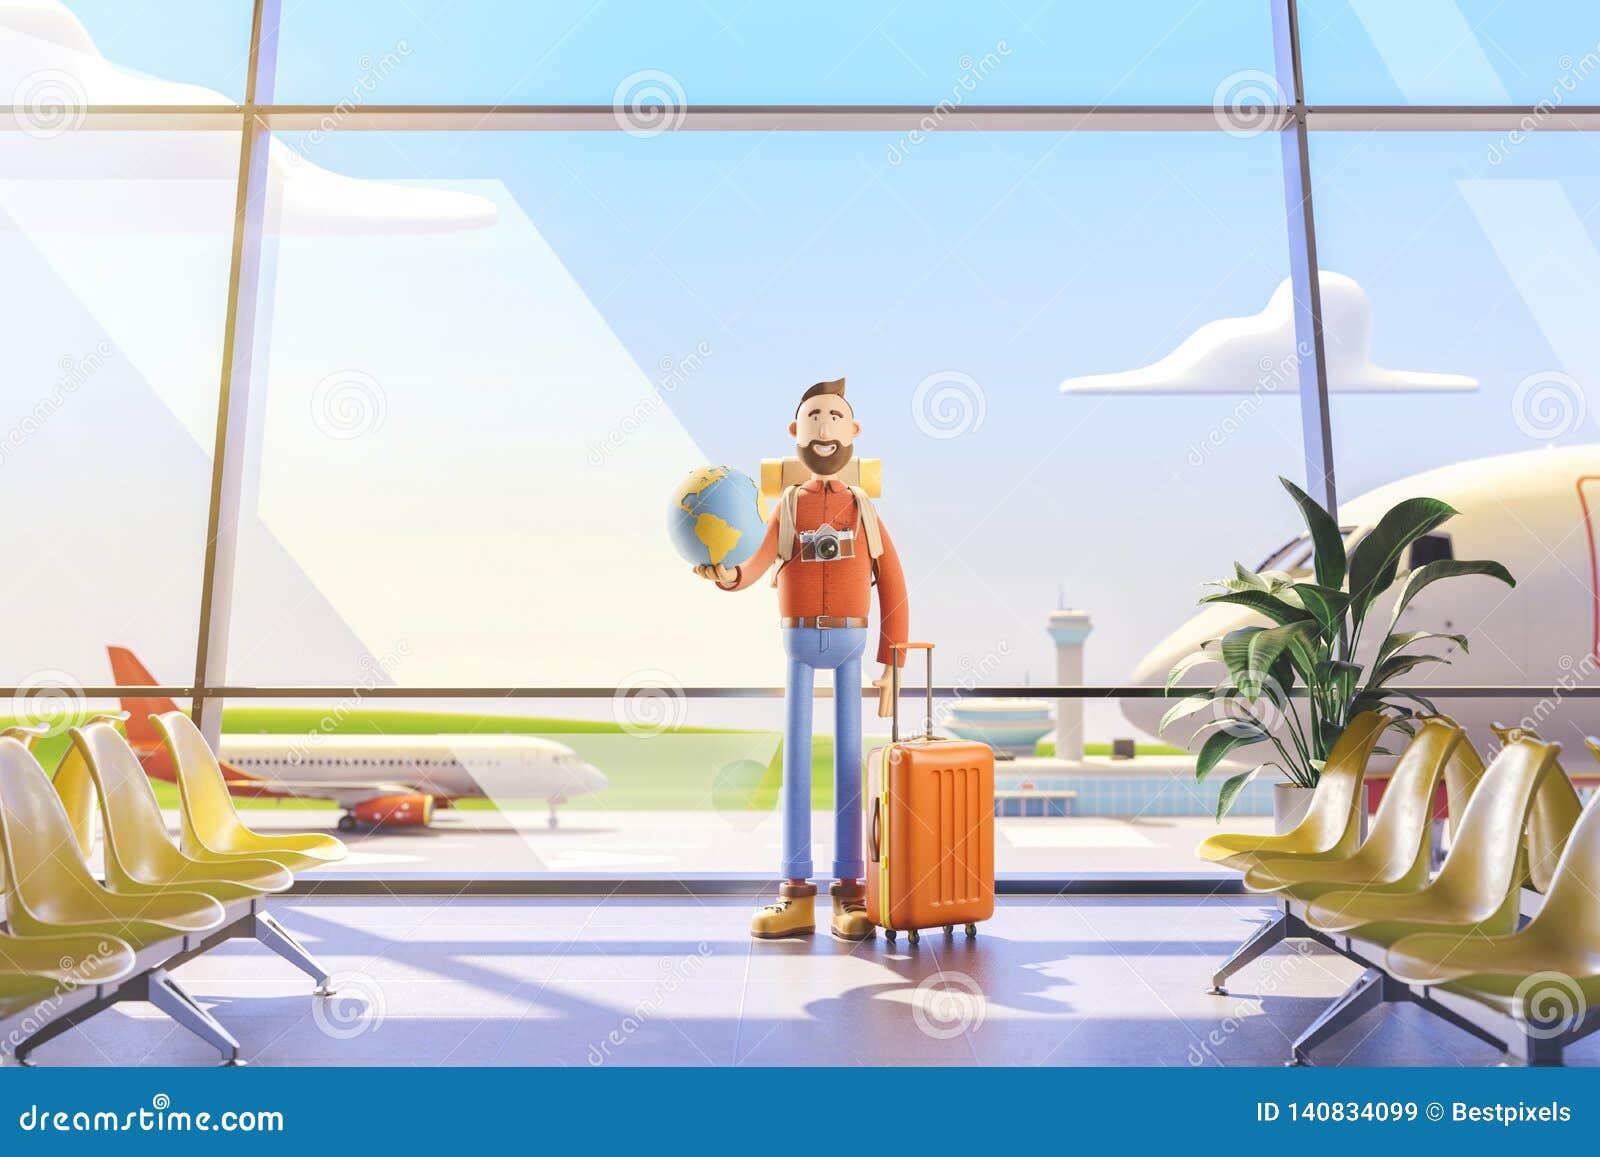 El turista del personaje de dibujos animados mantiene el mundo entero en la palma aeropuerto ilustración 3D Concepto del World Tr